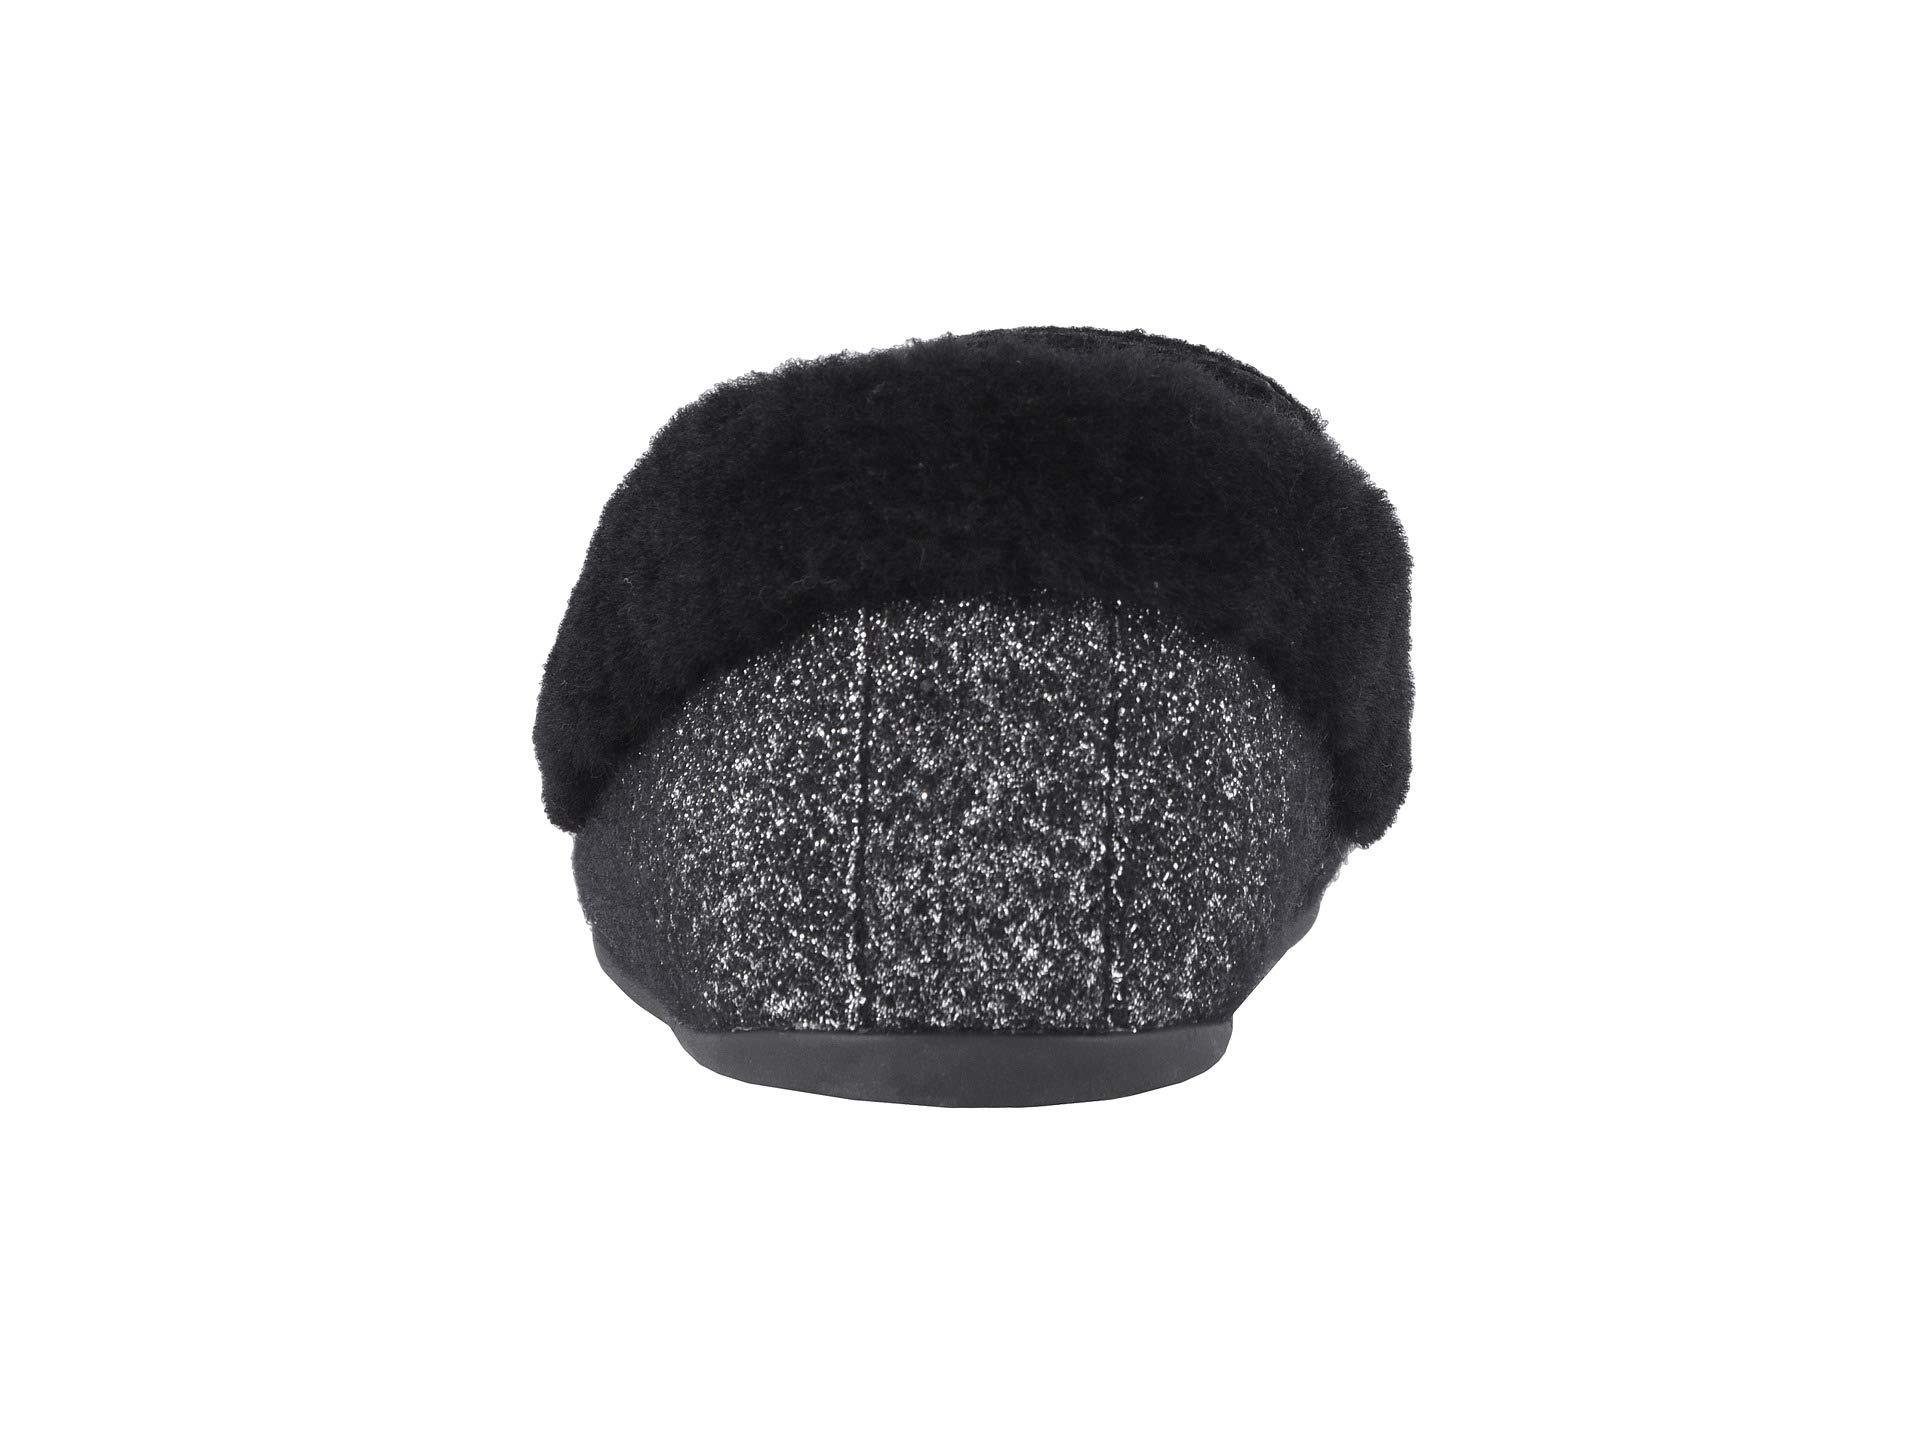 Glimmer Clara Black Moccasin Wool Fitflop fYw80qnz